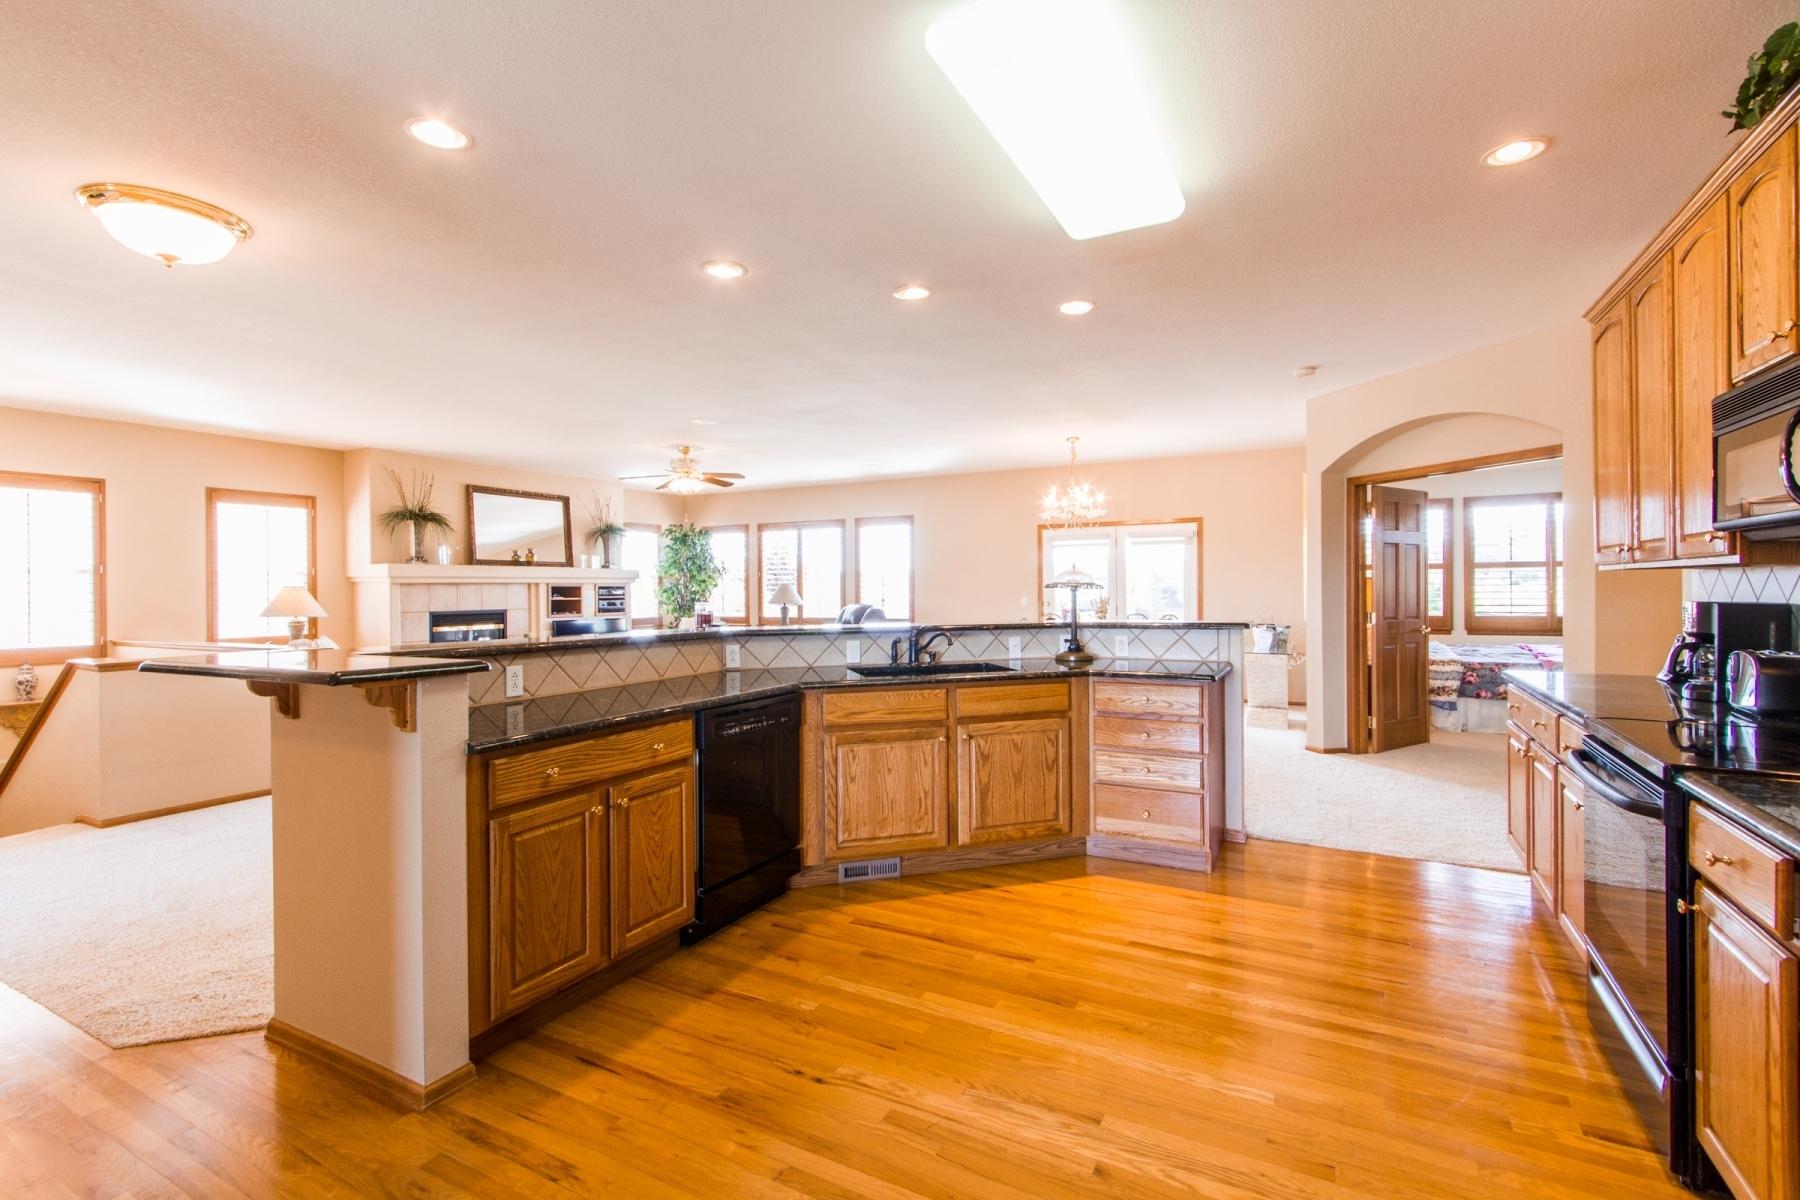 Kitchen_1800x1200_2794115.jpg